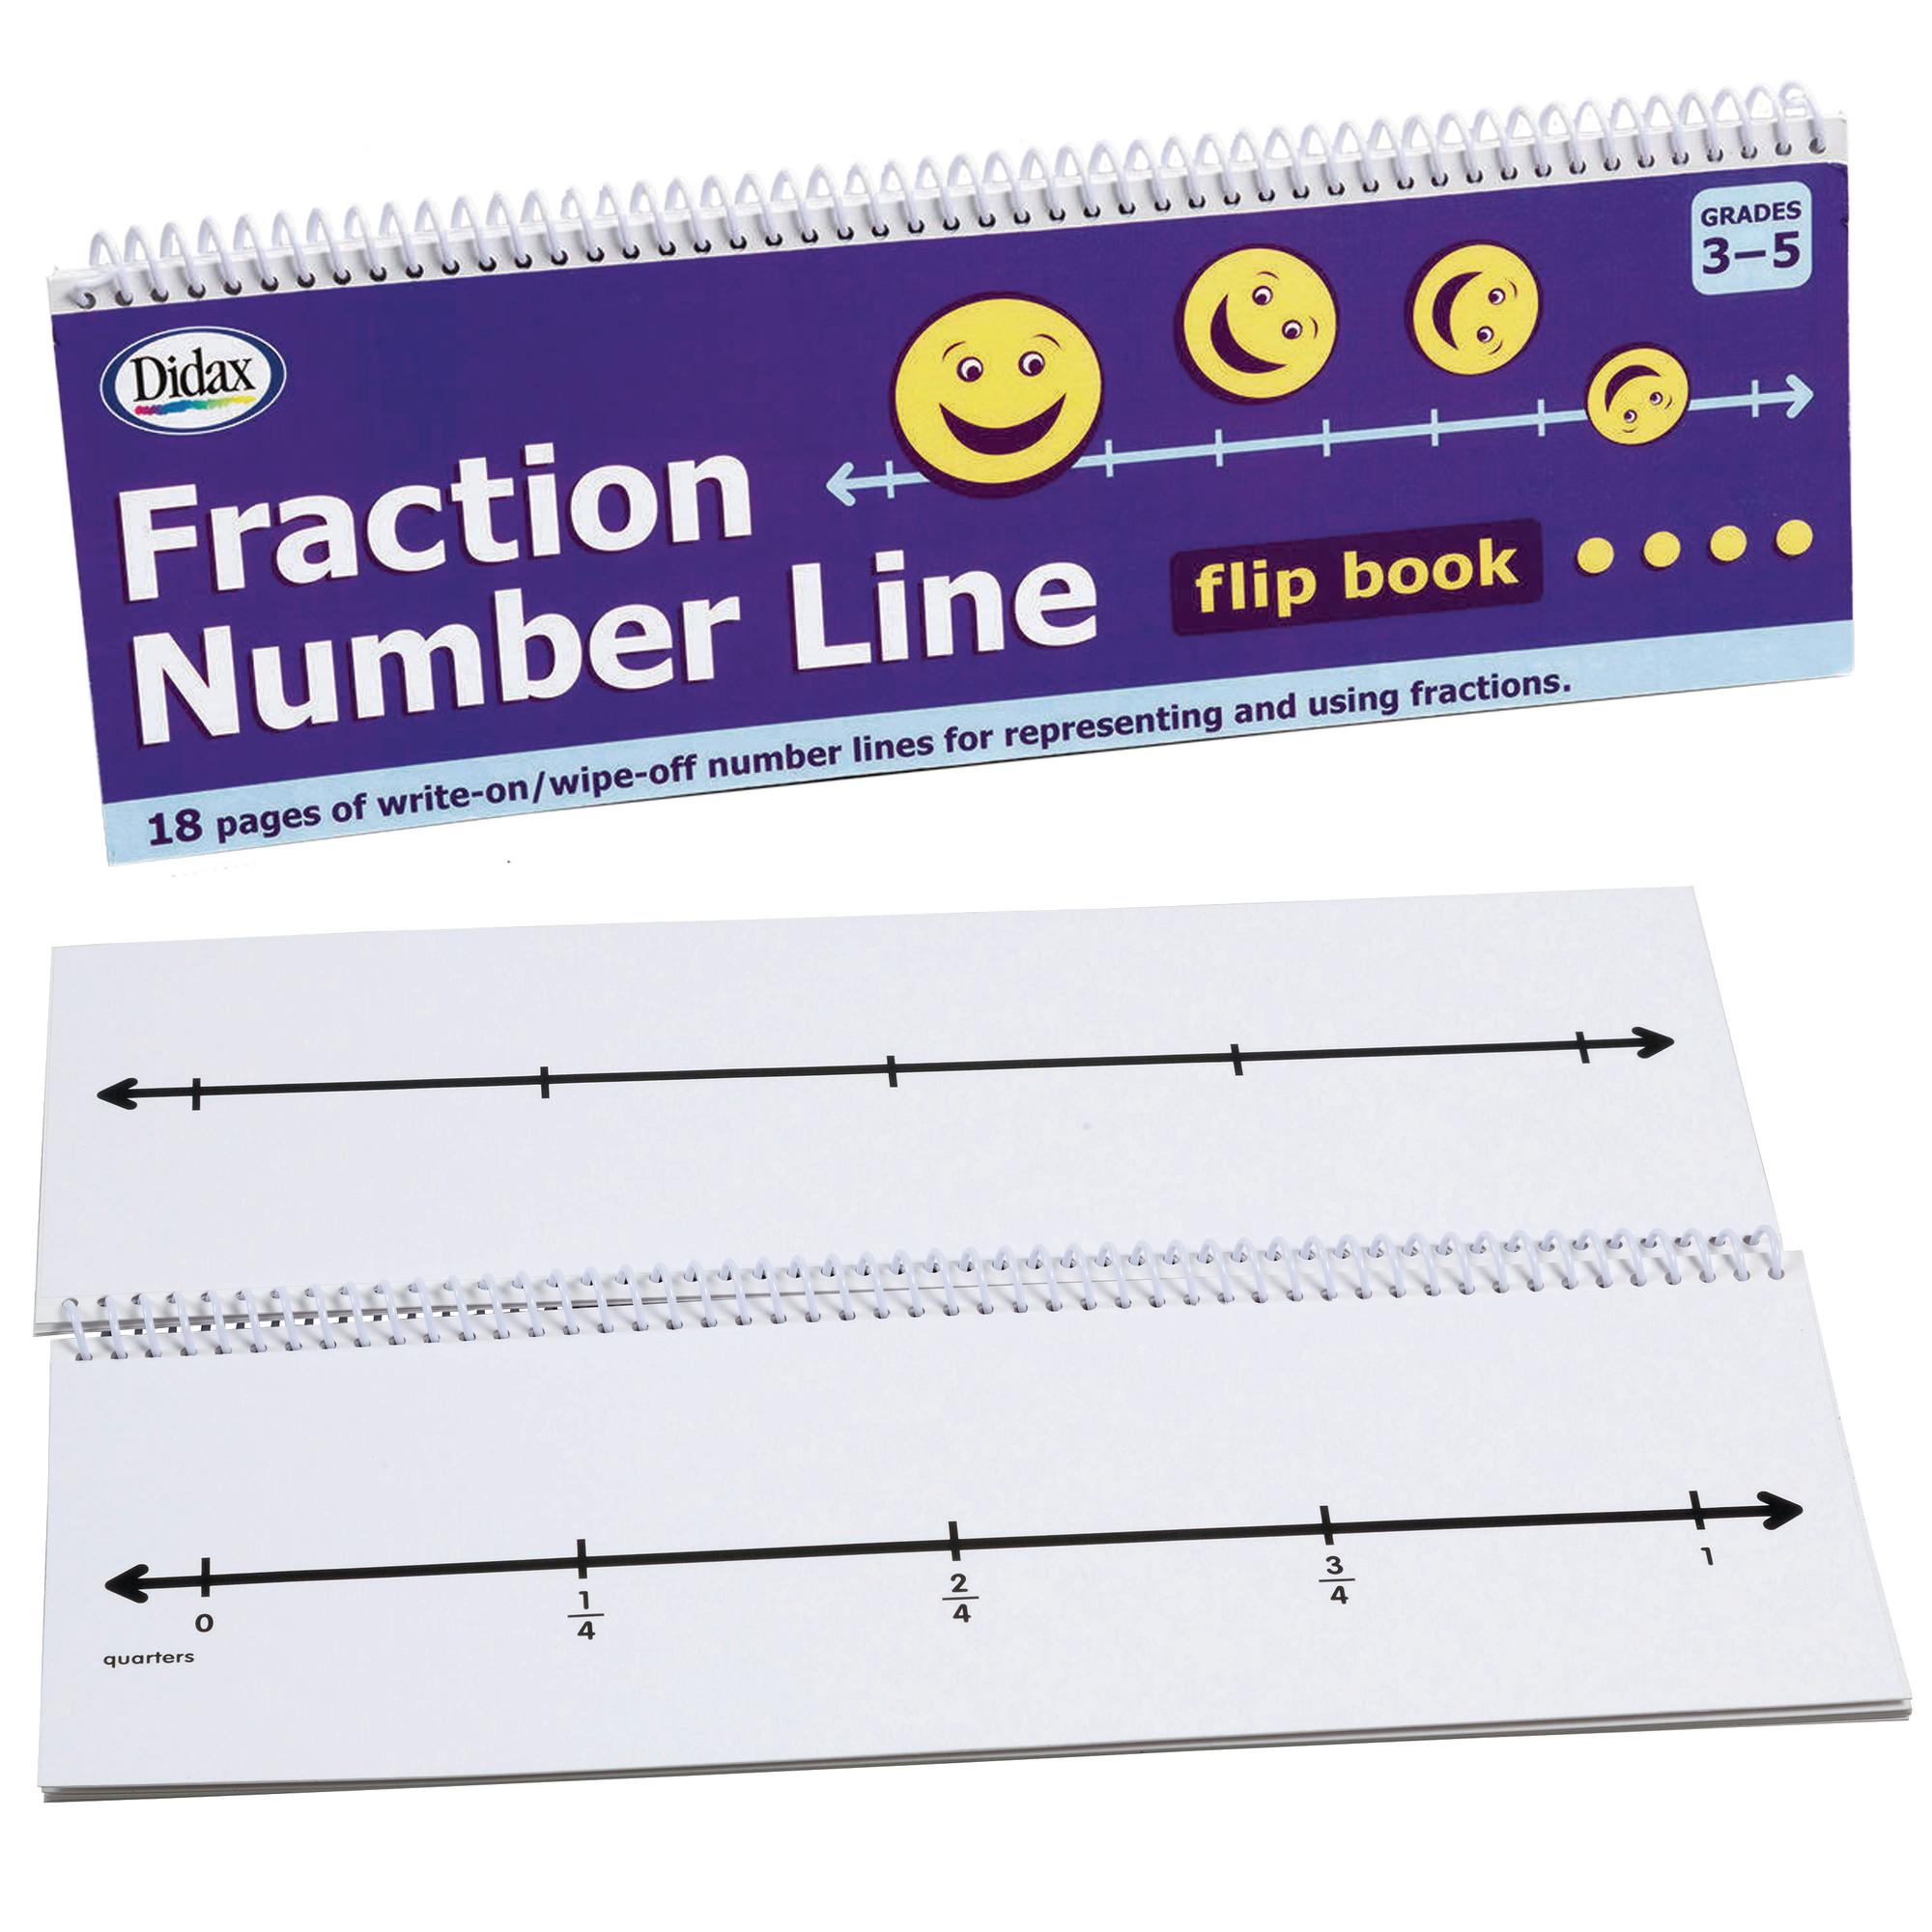 Fraction Number Line Flip Book